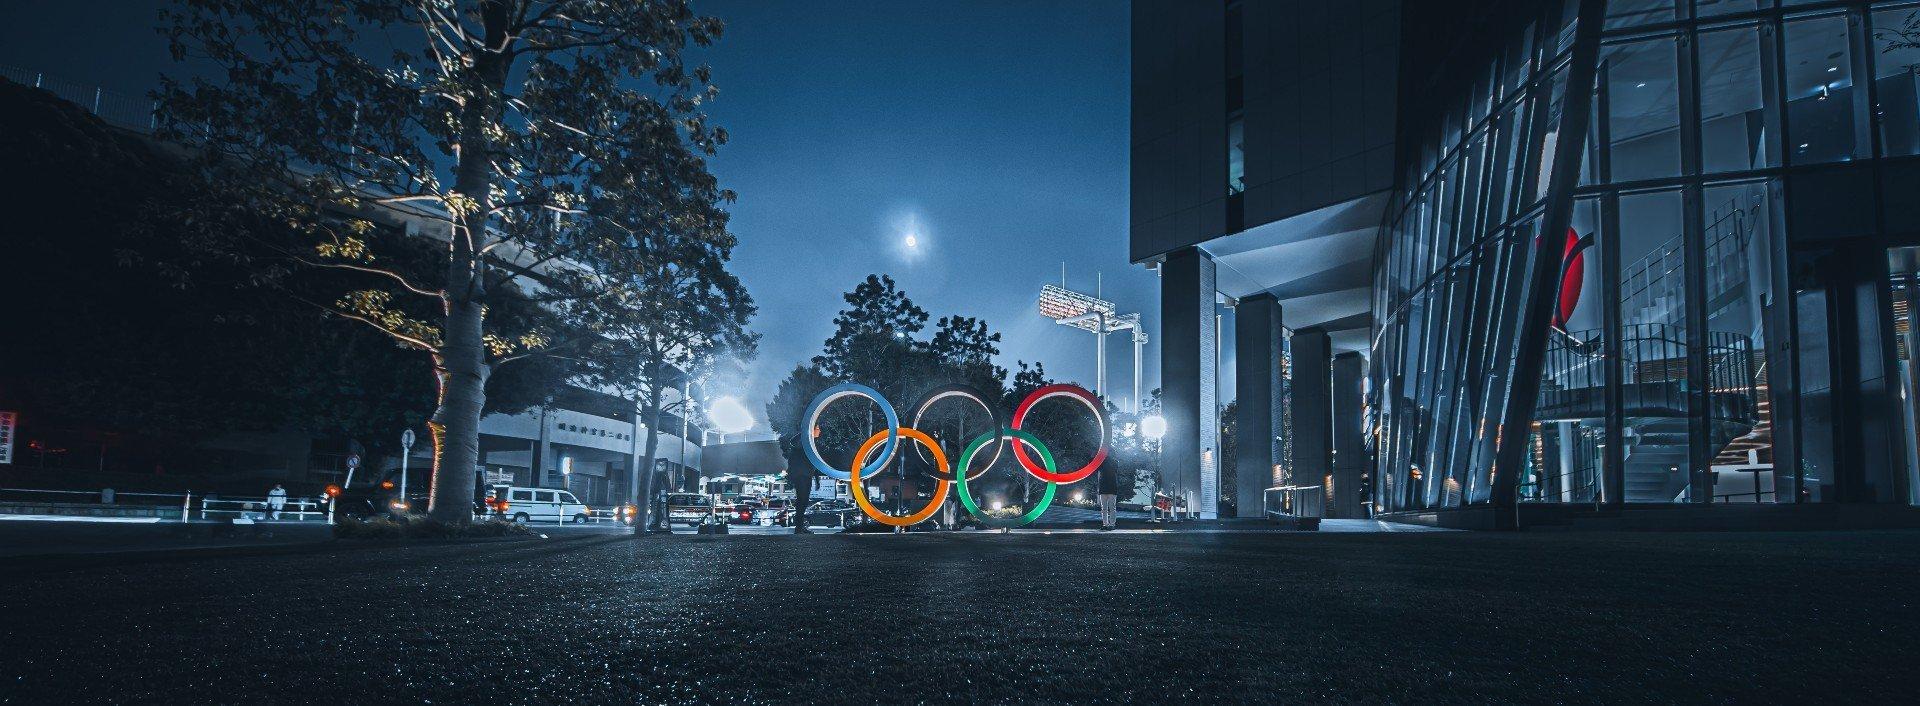 Englische Vokabeln für die Olympischen Spiele: Die olympischen Ringe sind in einer dunklen Straße bei Nacht abgebildet.